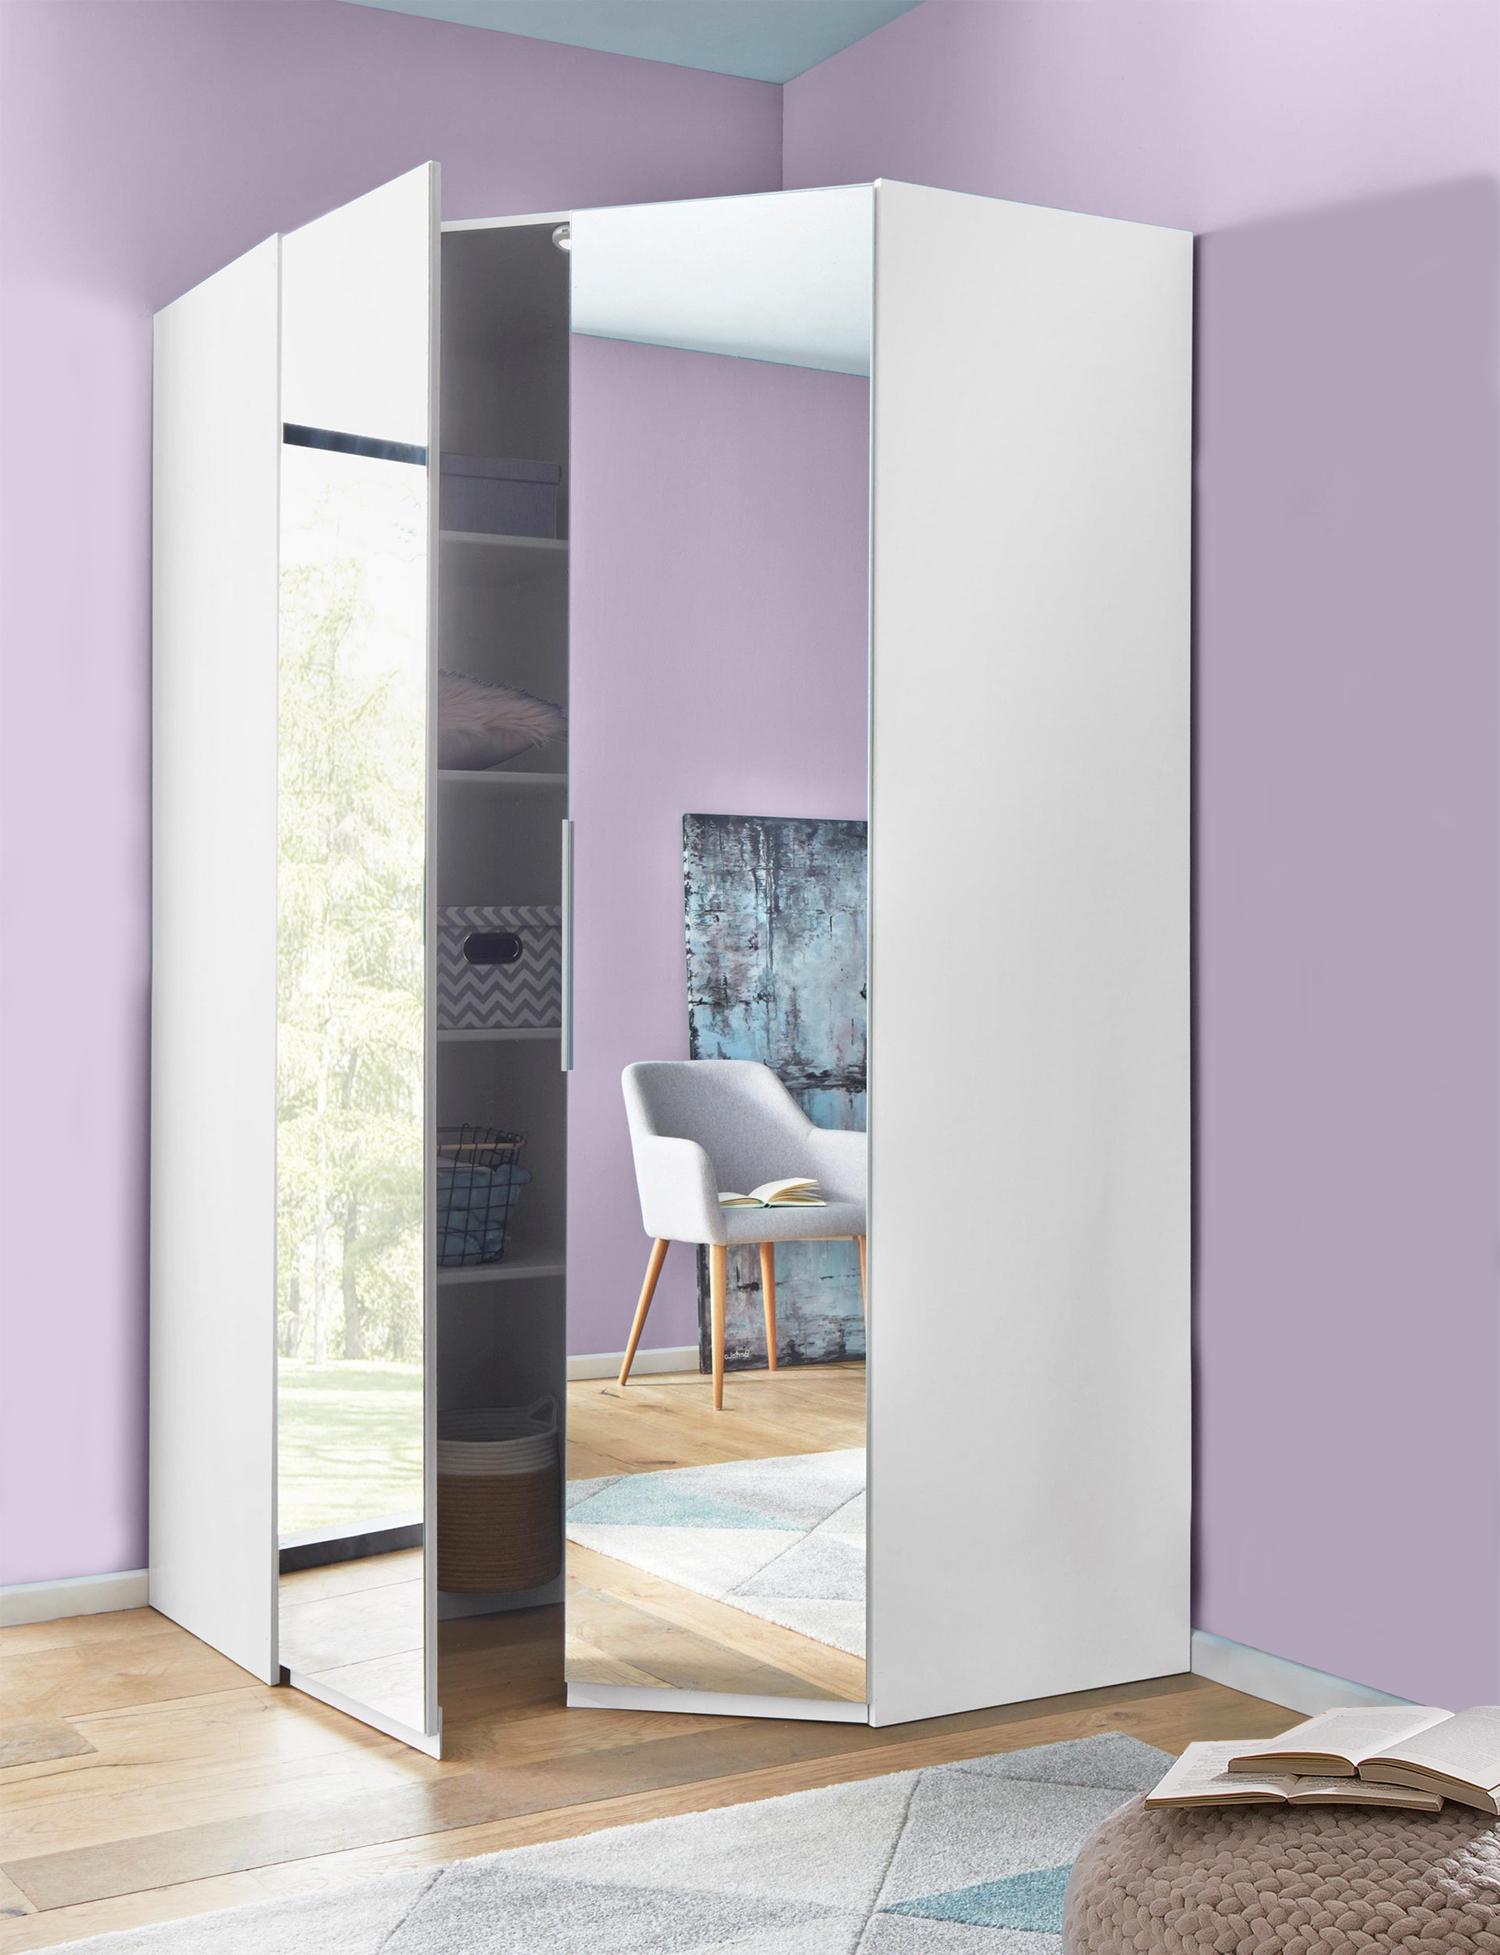 Wimex Eckschrank Kleiderschrank Level 120x120cm weiß Spiegel